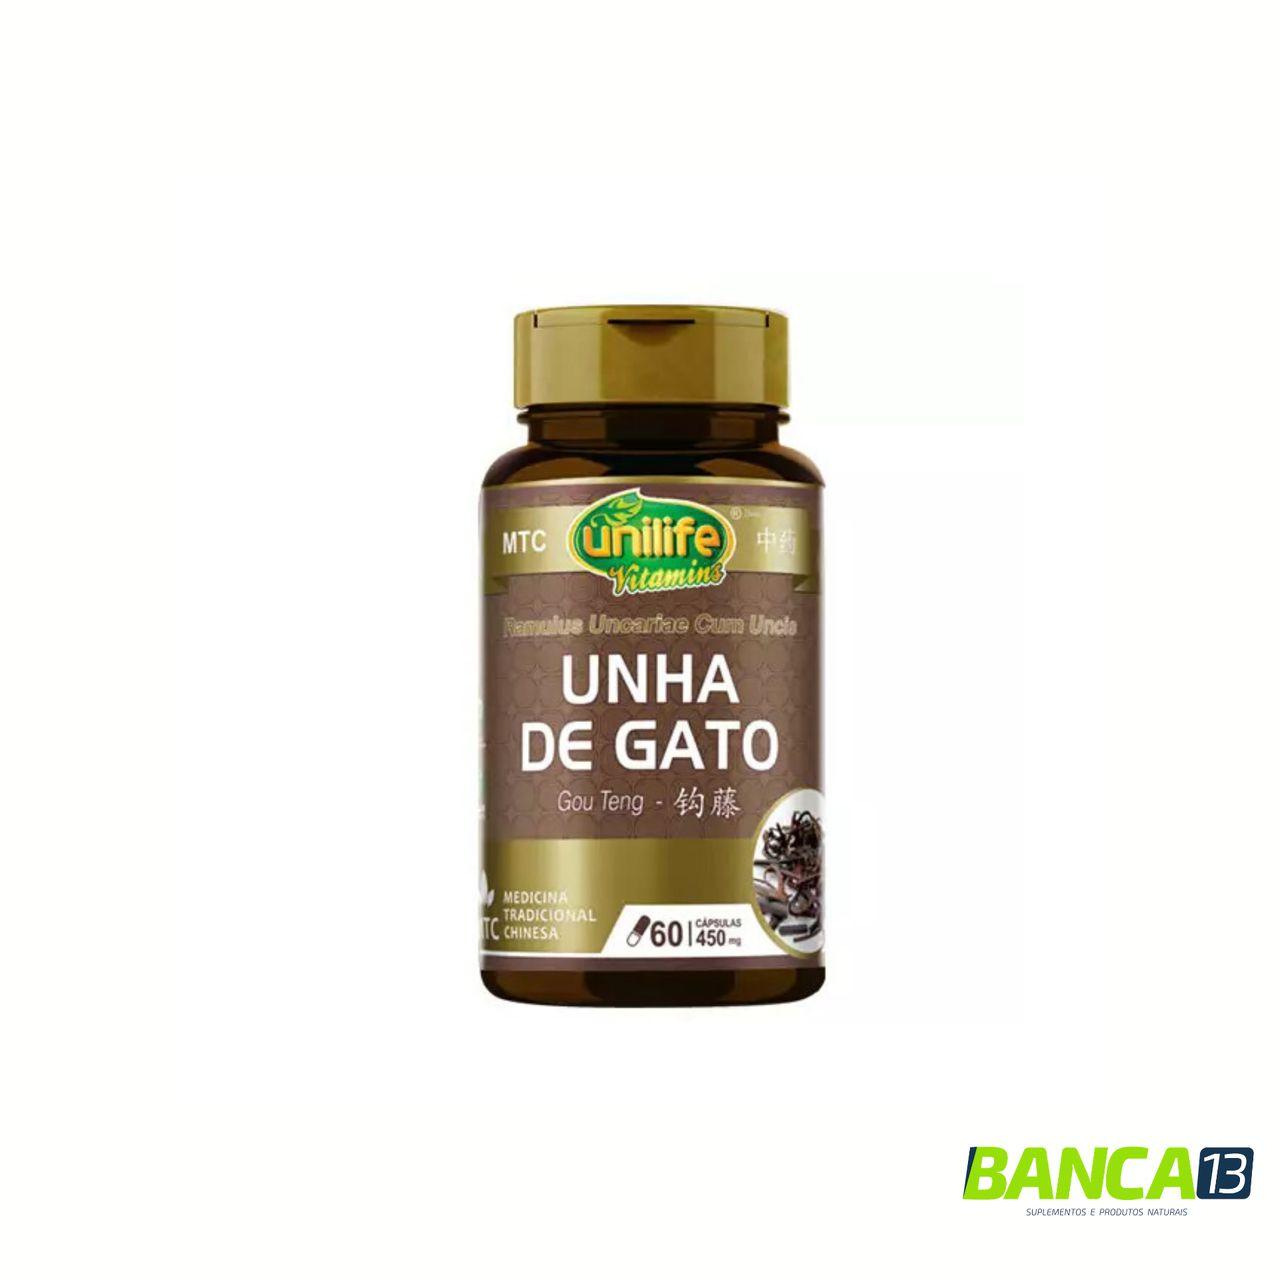 UNHA DE GATO 60 CÁPSULAS 450MG  - UNILIFE